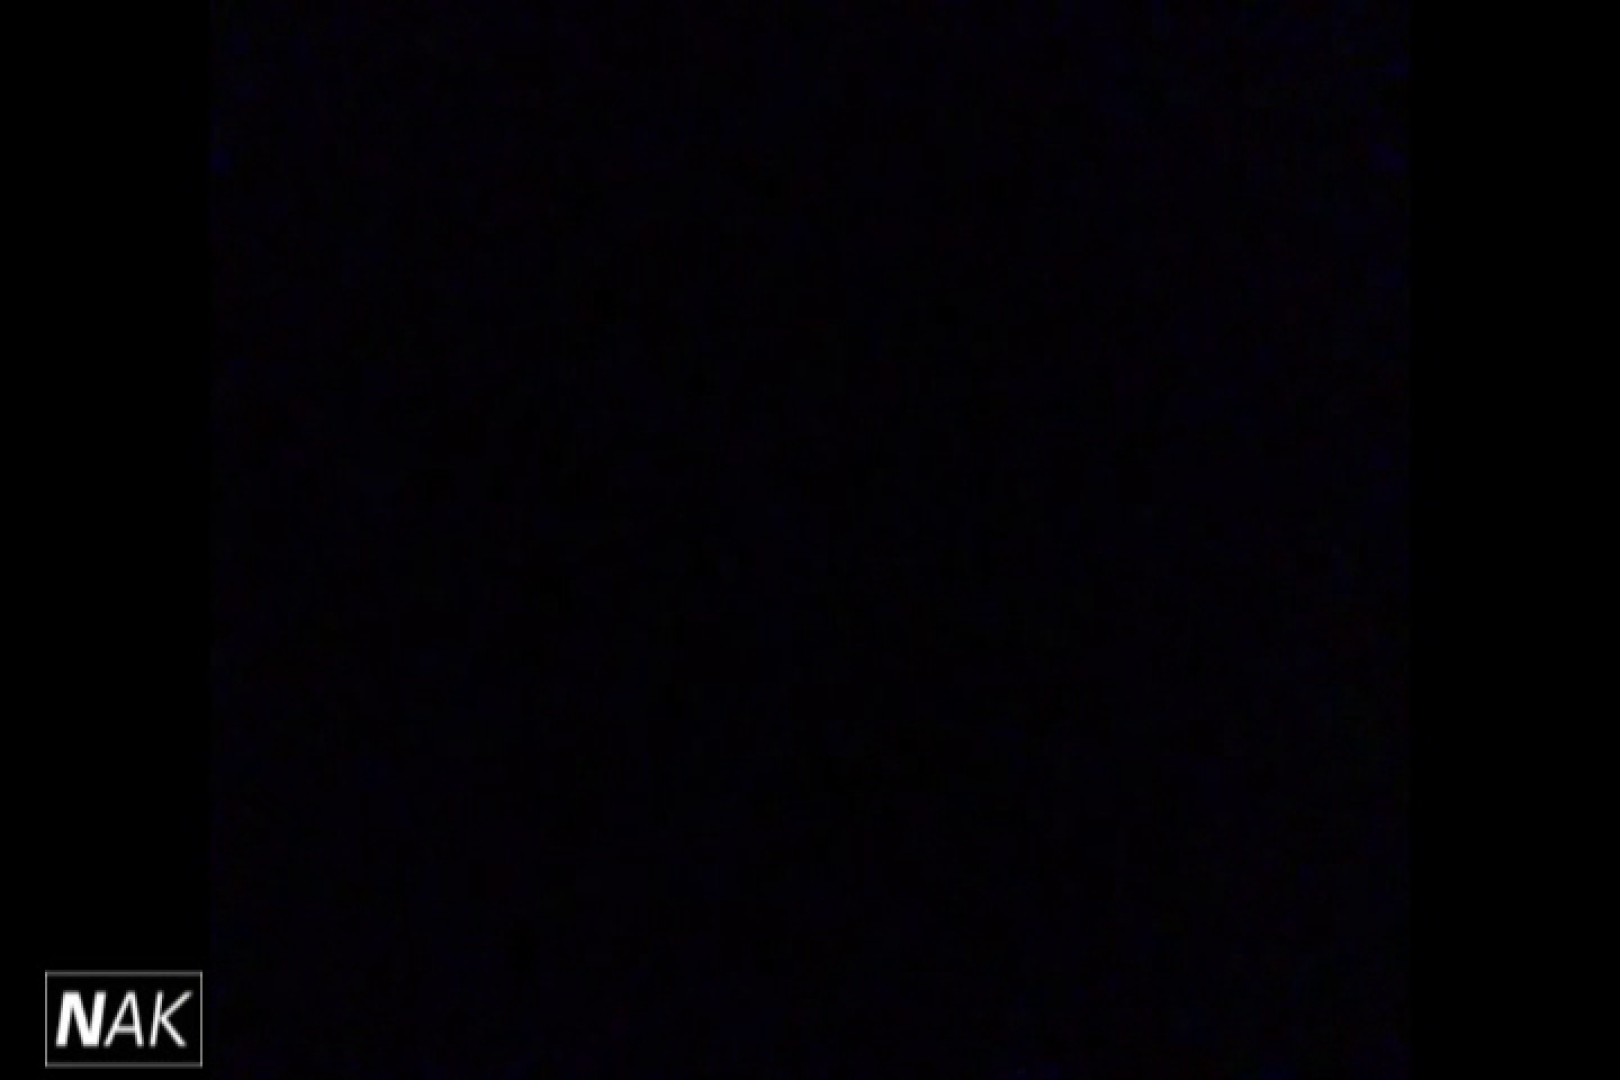 せん八さんの厠観察日記!2点監視カメラ 高画質5000K vol.16 お姉さんのエロ動画 ワレメ動画紹介 113PIX 66